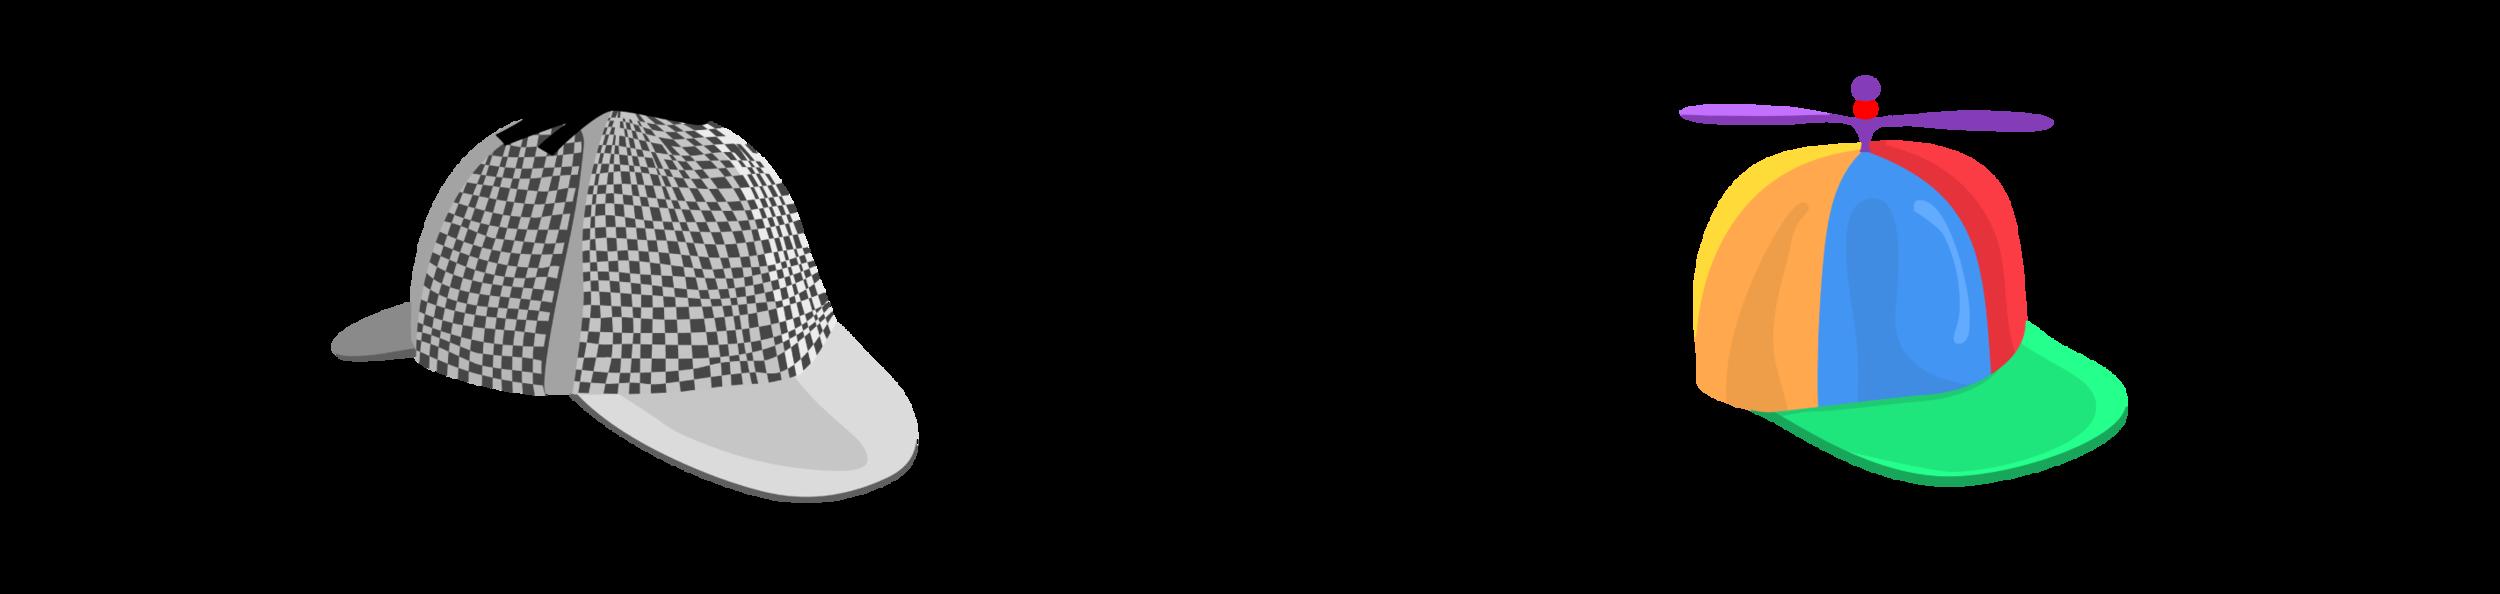 caps-01.png